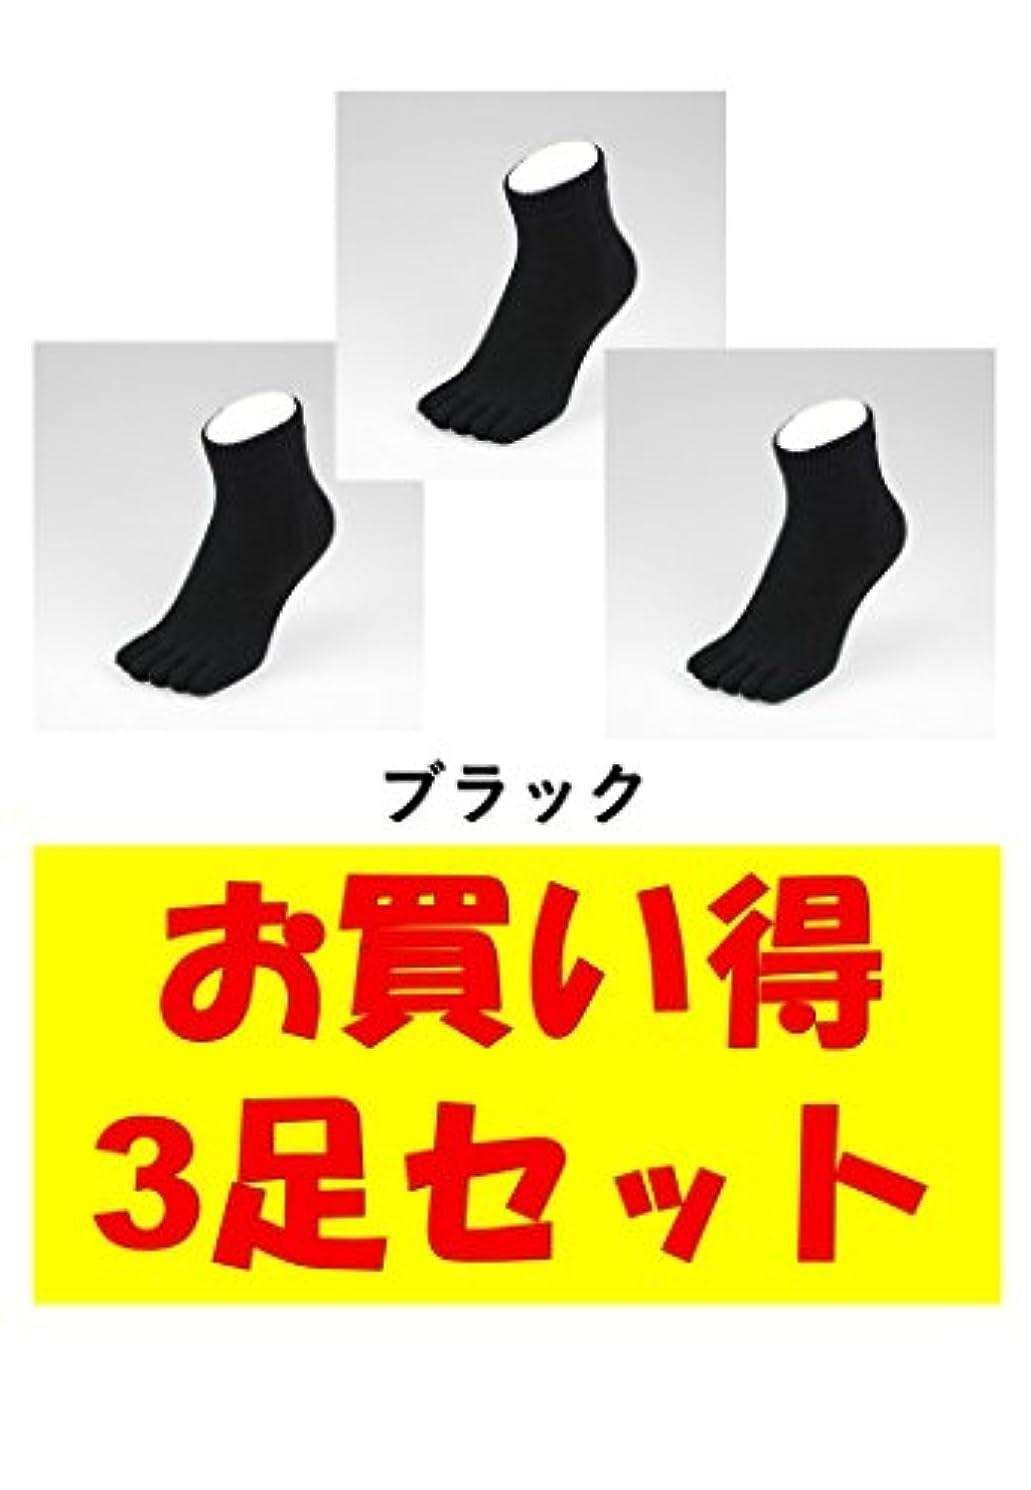 トレイルスキームソーダ水お買い得3足セット 5本指 ゆびのばソックス Neo EVE(イヴ) ブラック Sサイズ(21.0cm - 24.0cm) YSNEVE-BLK